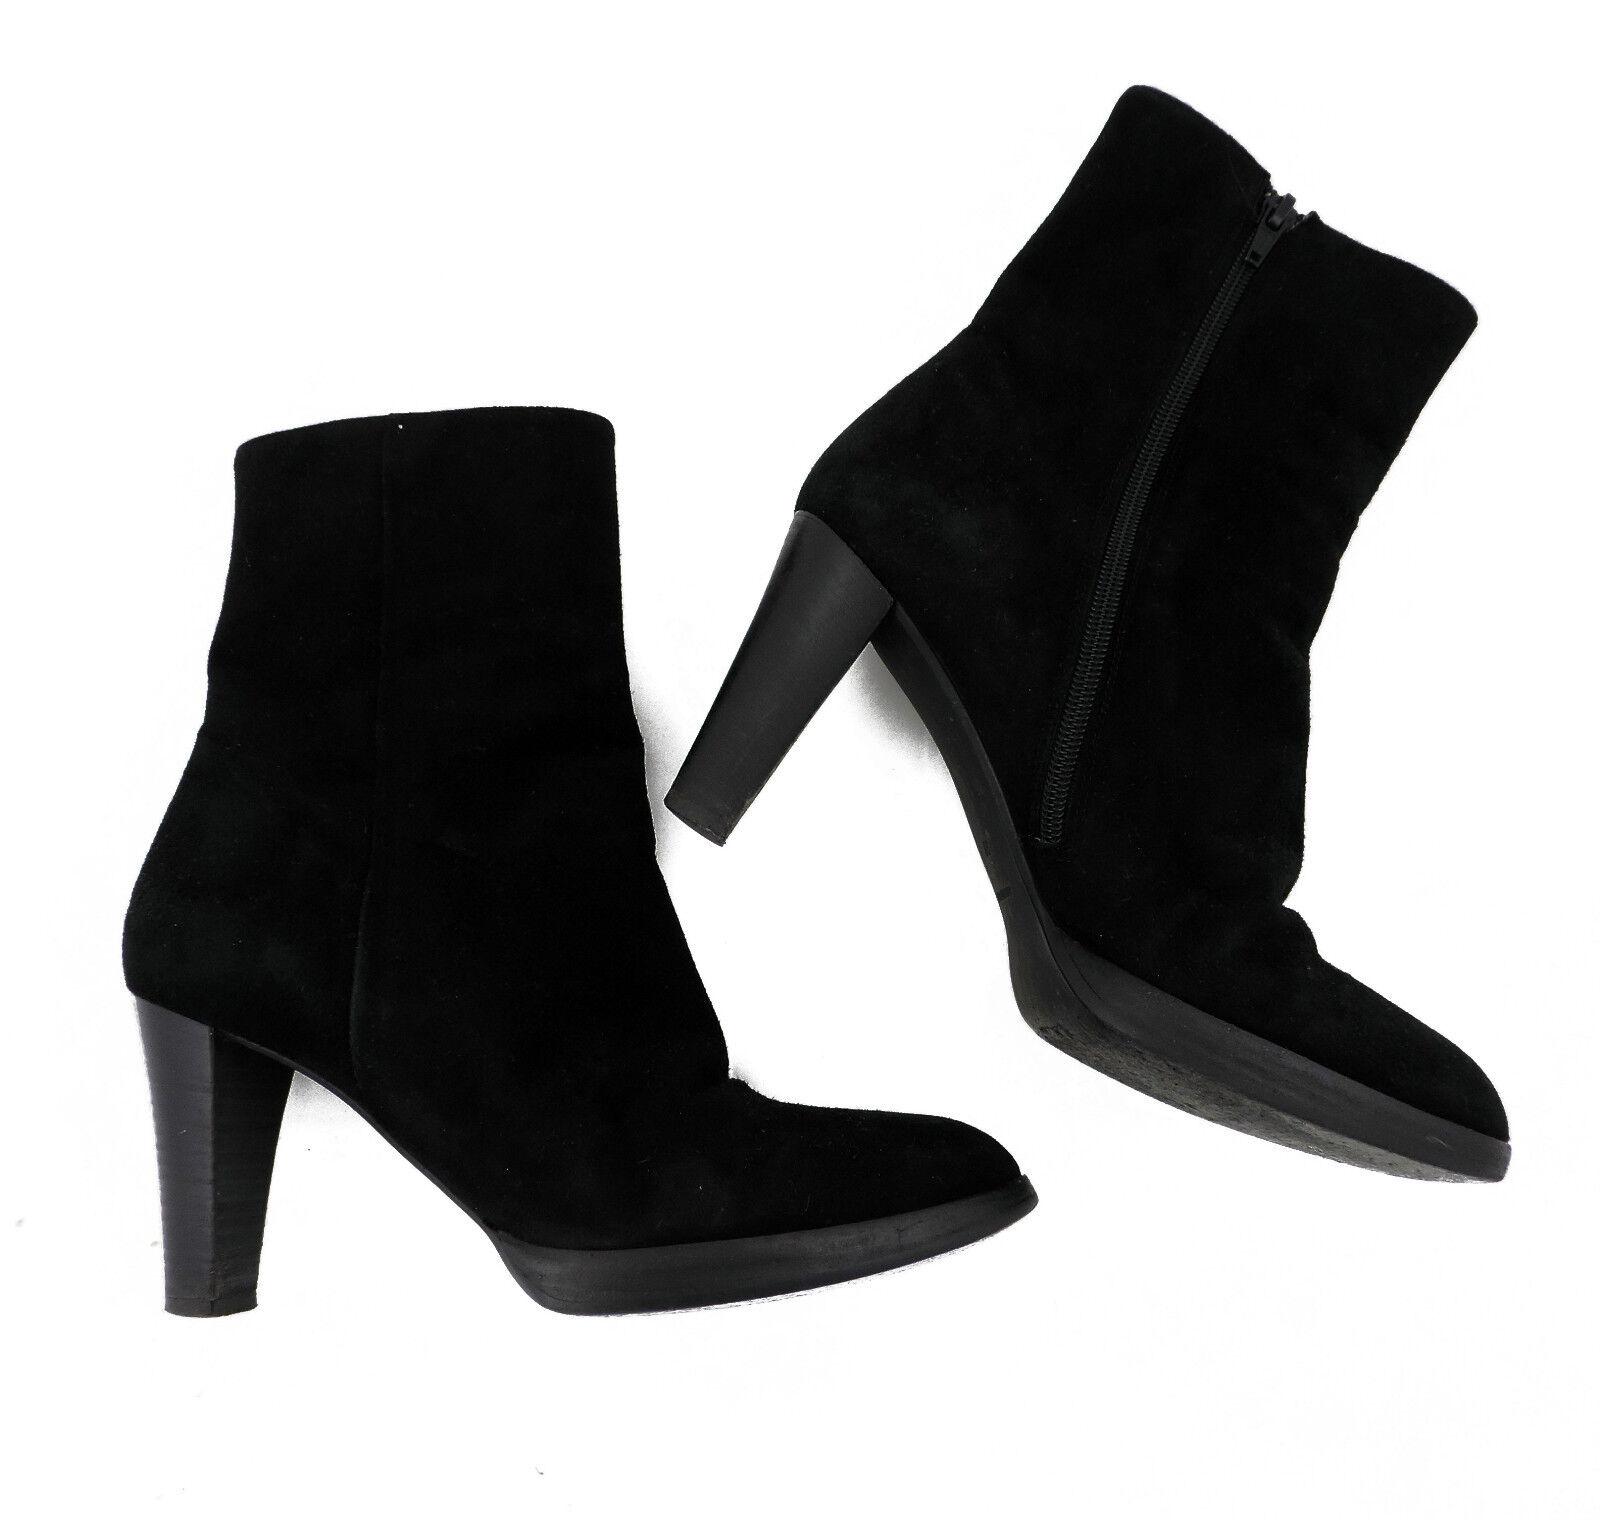 Grandes zapatos con descuento Denkstein Stiefelette 38 schwarz Wildleder high heels top booties